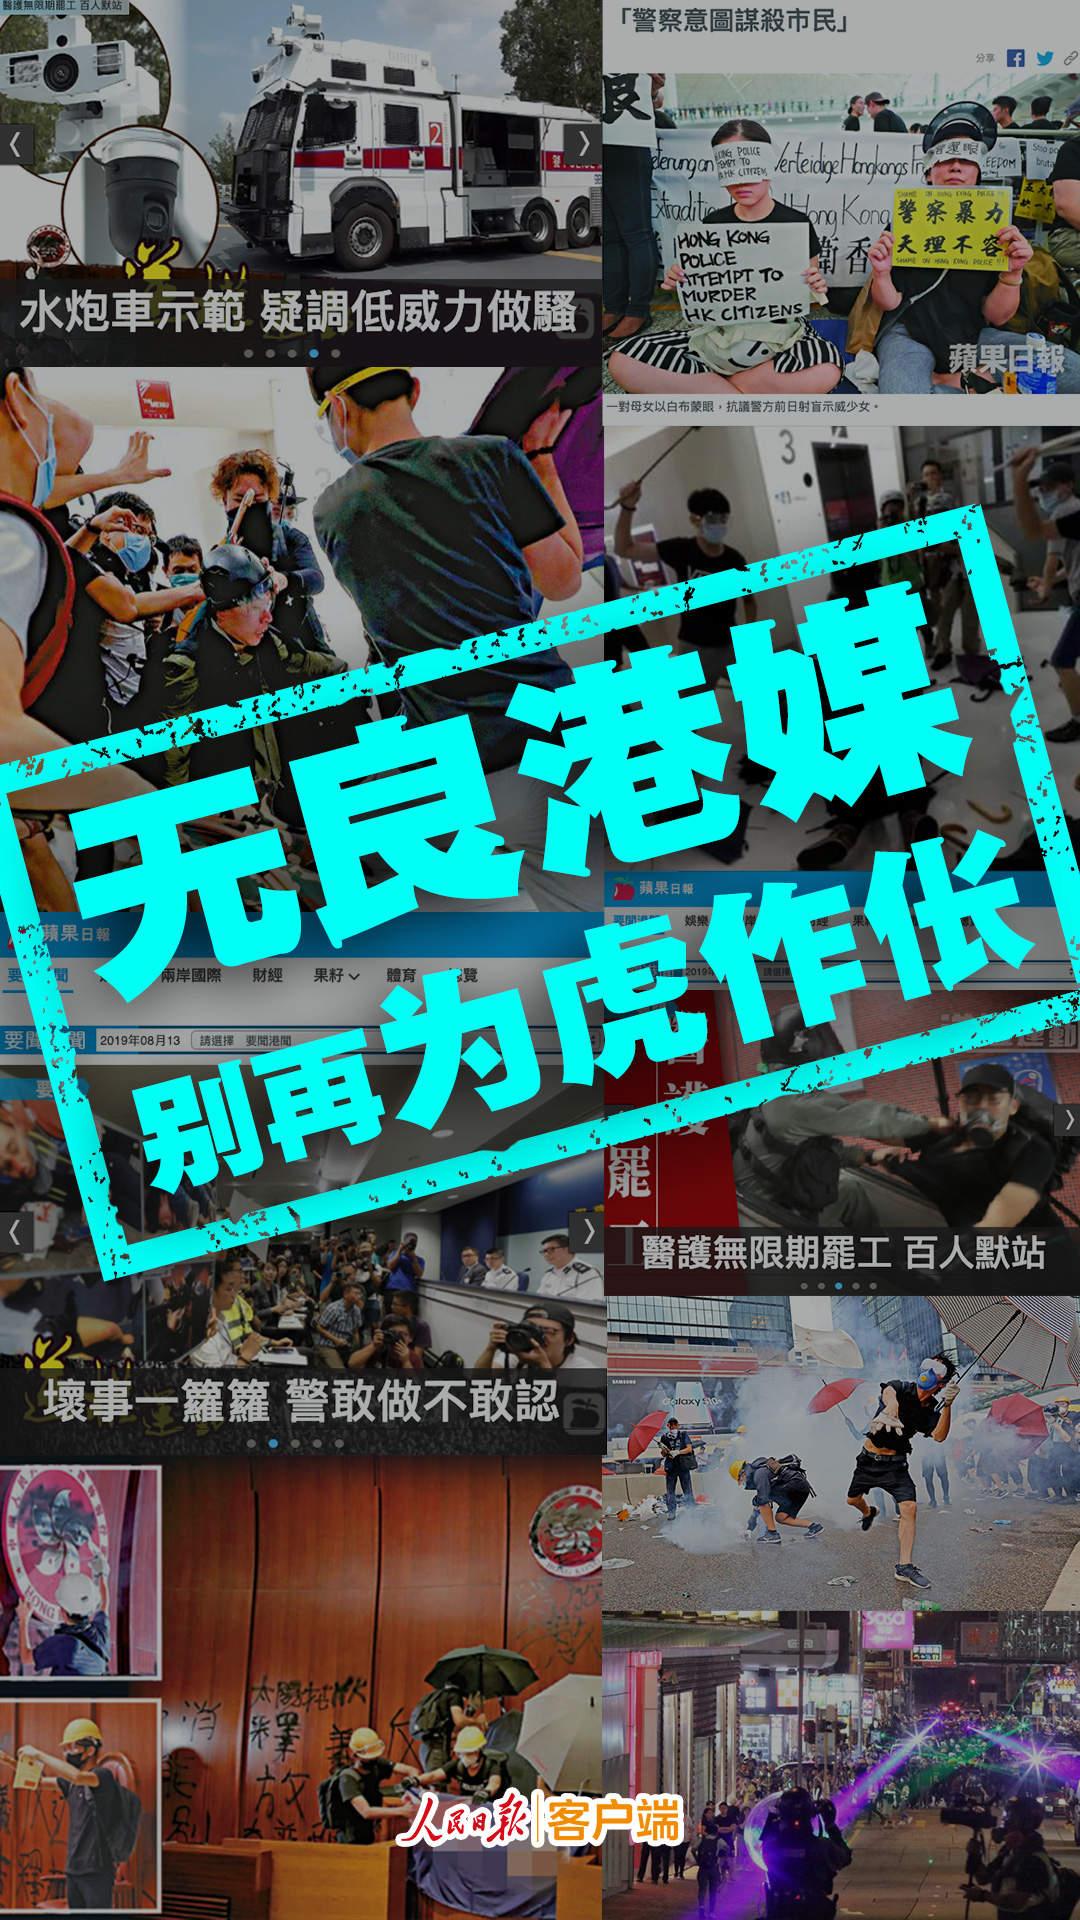 清华大学电竞专业报名山东还会再有飓风吗人民日报:为坏人爪牙,无良港媒将被扫进前史的垃圾堆